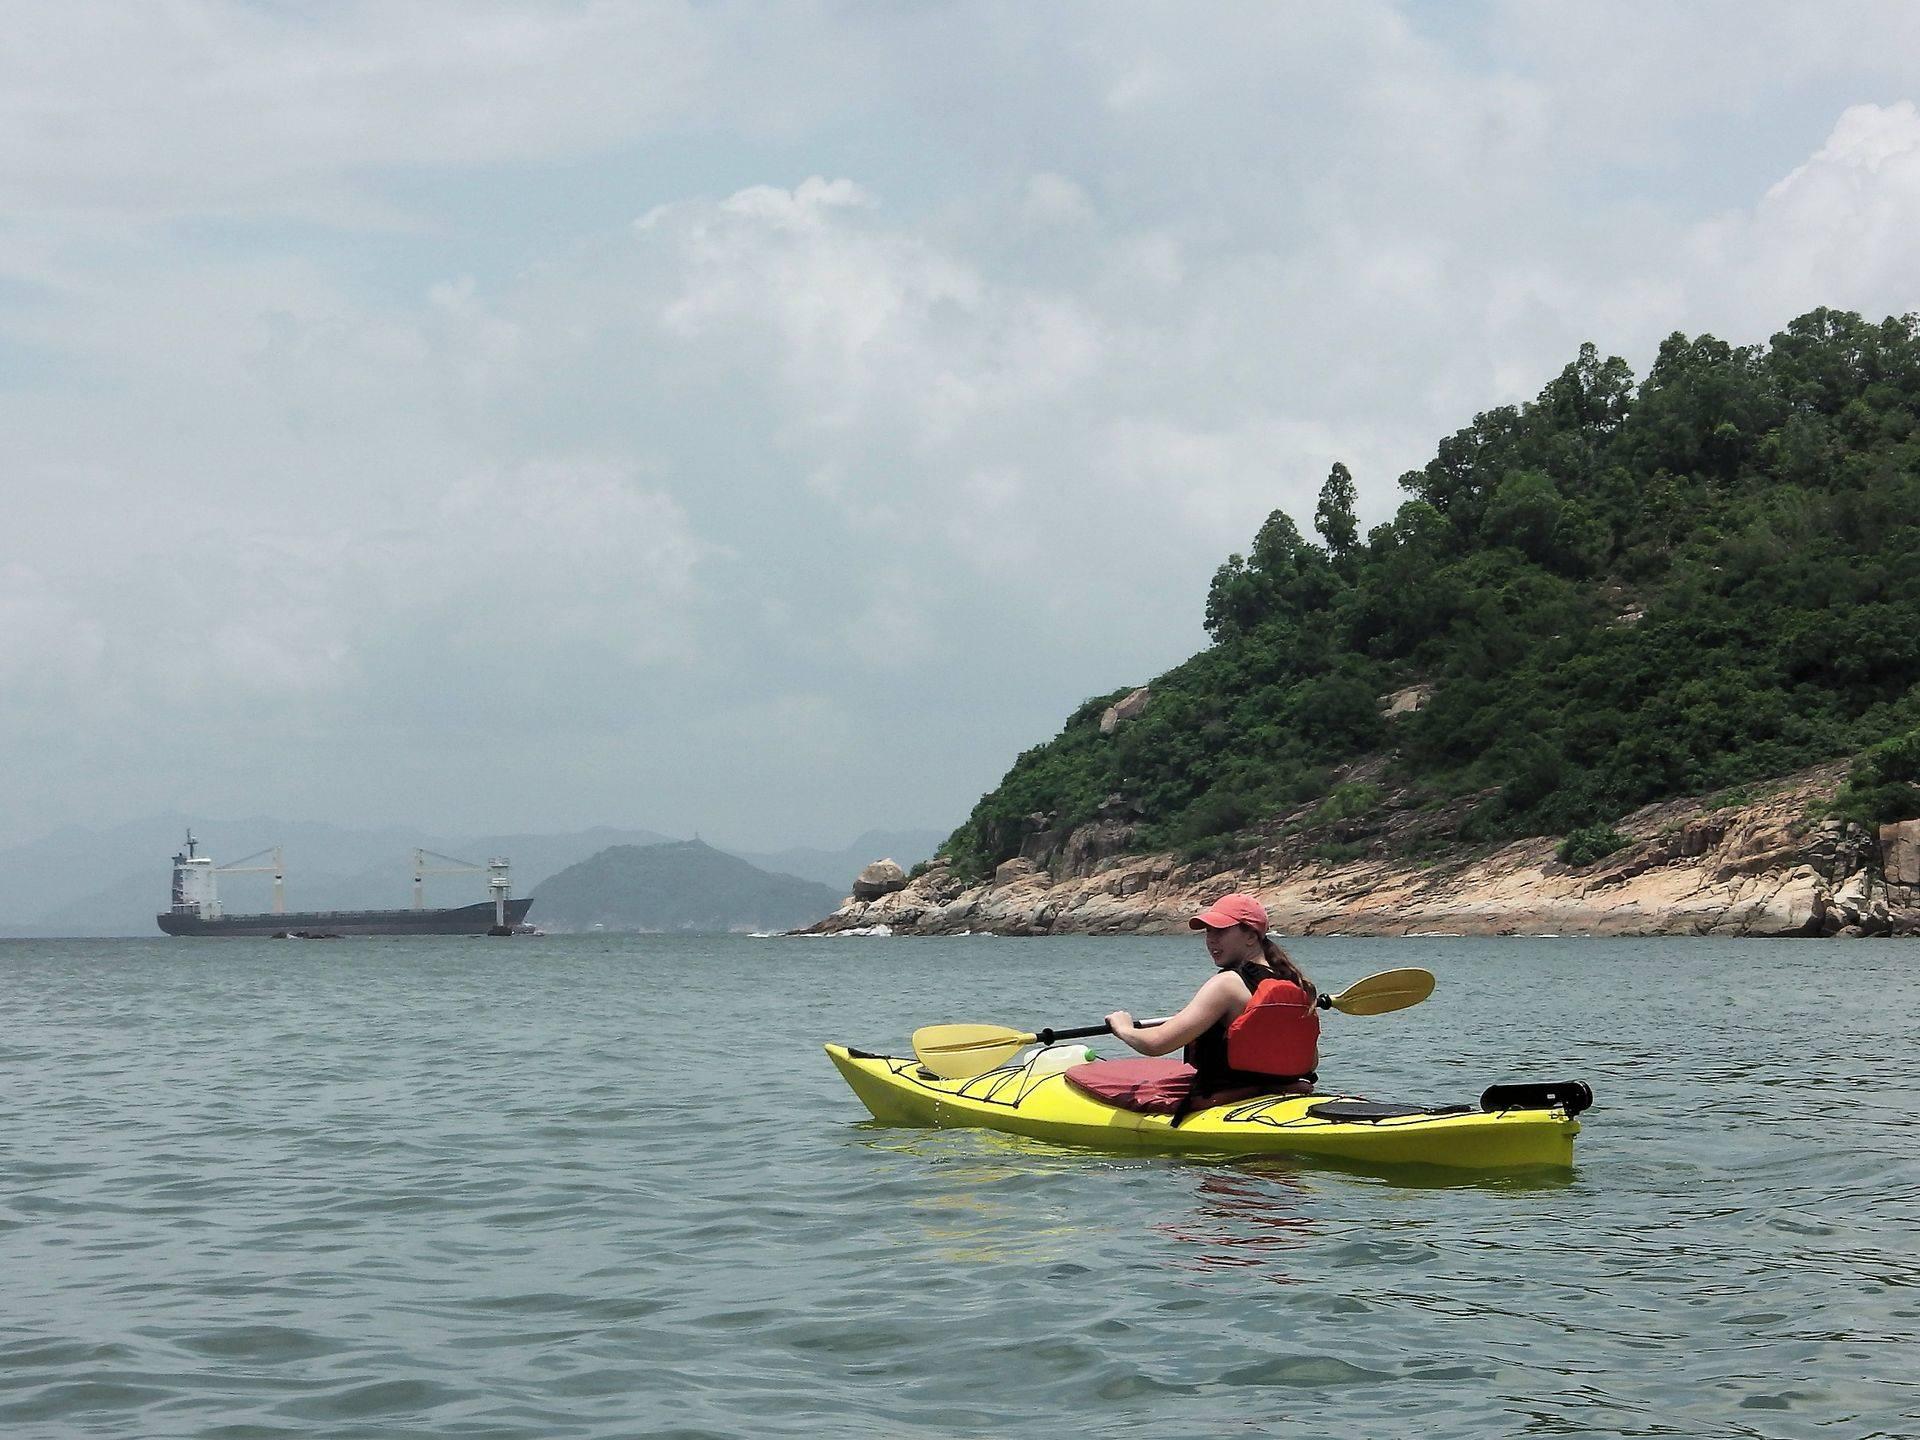 Sea Kayak Hong Kong 2018 Jul 22 Lamma_16